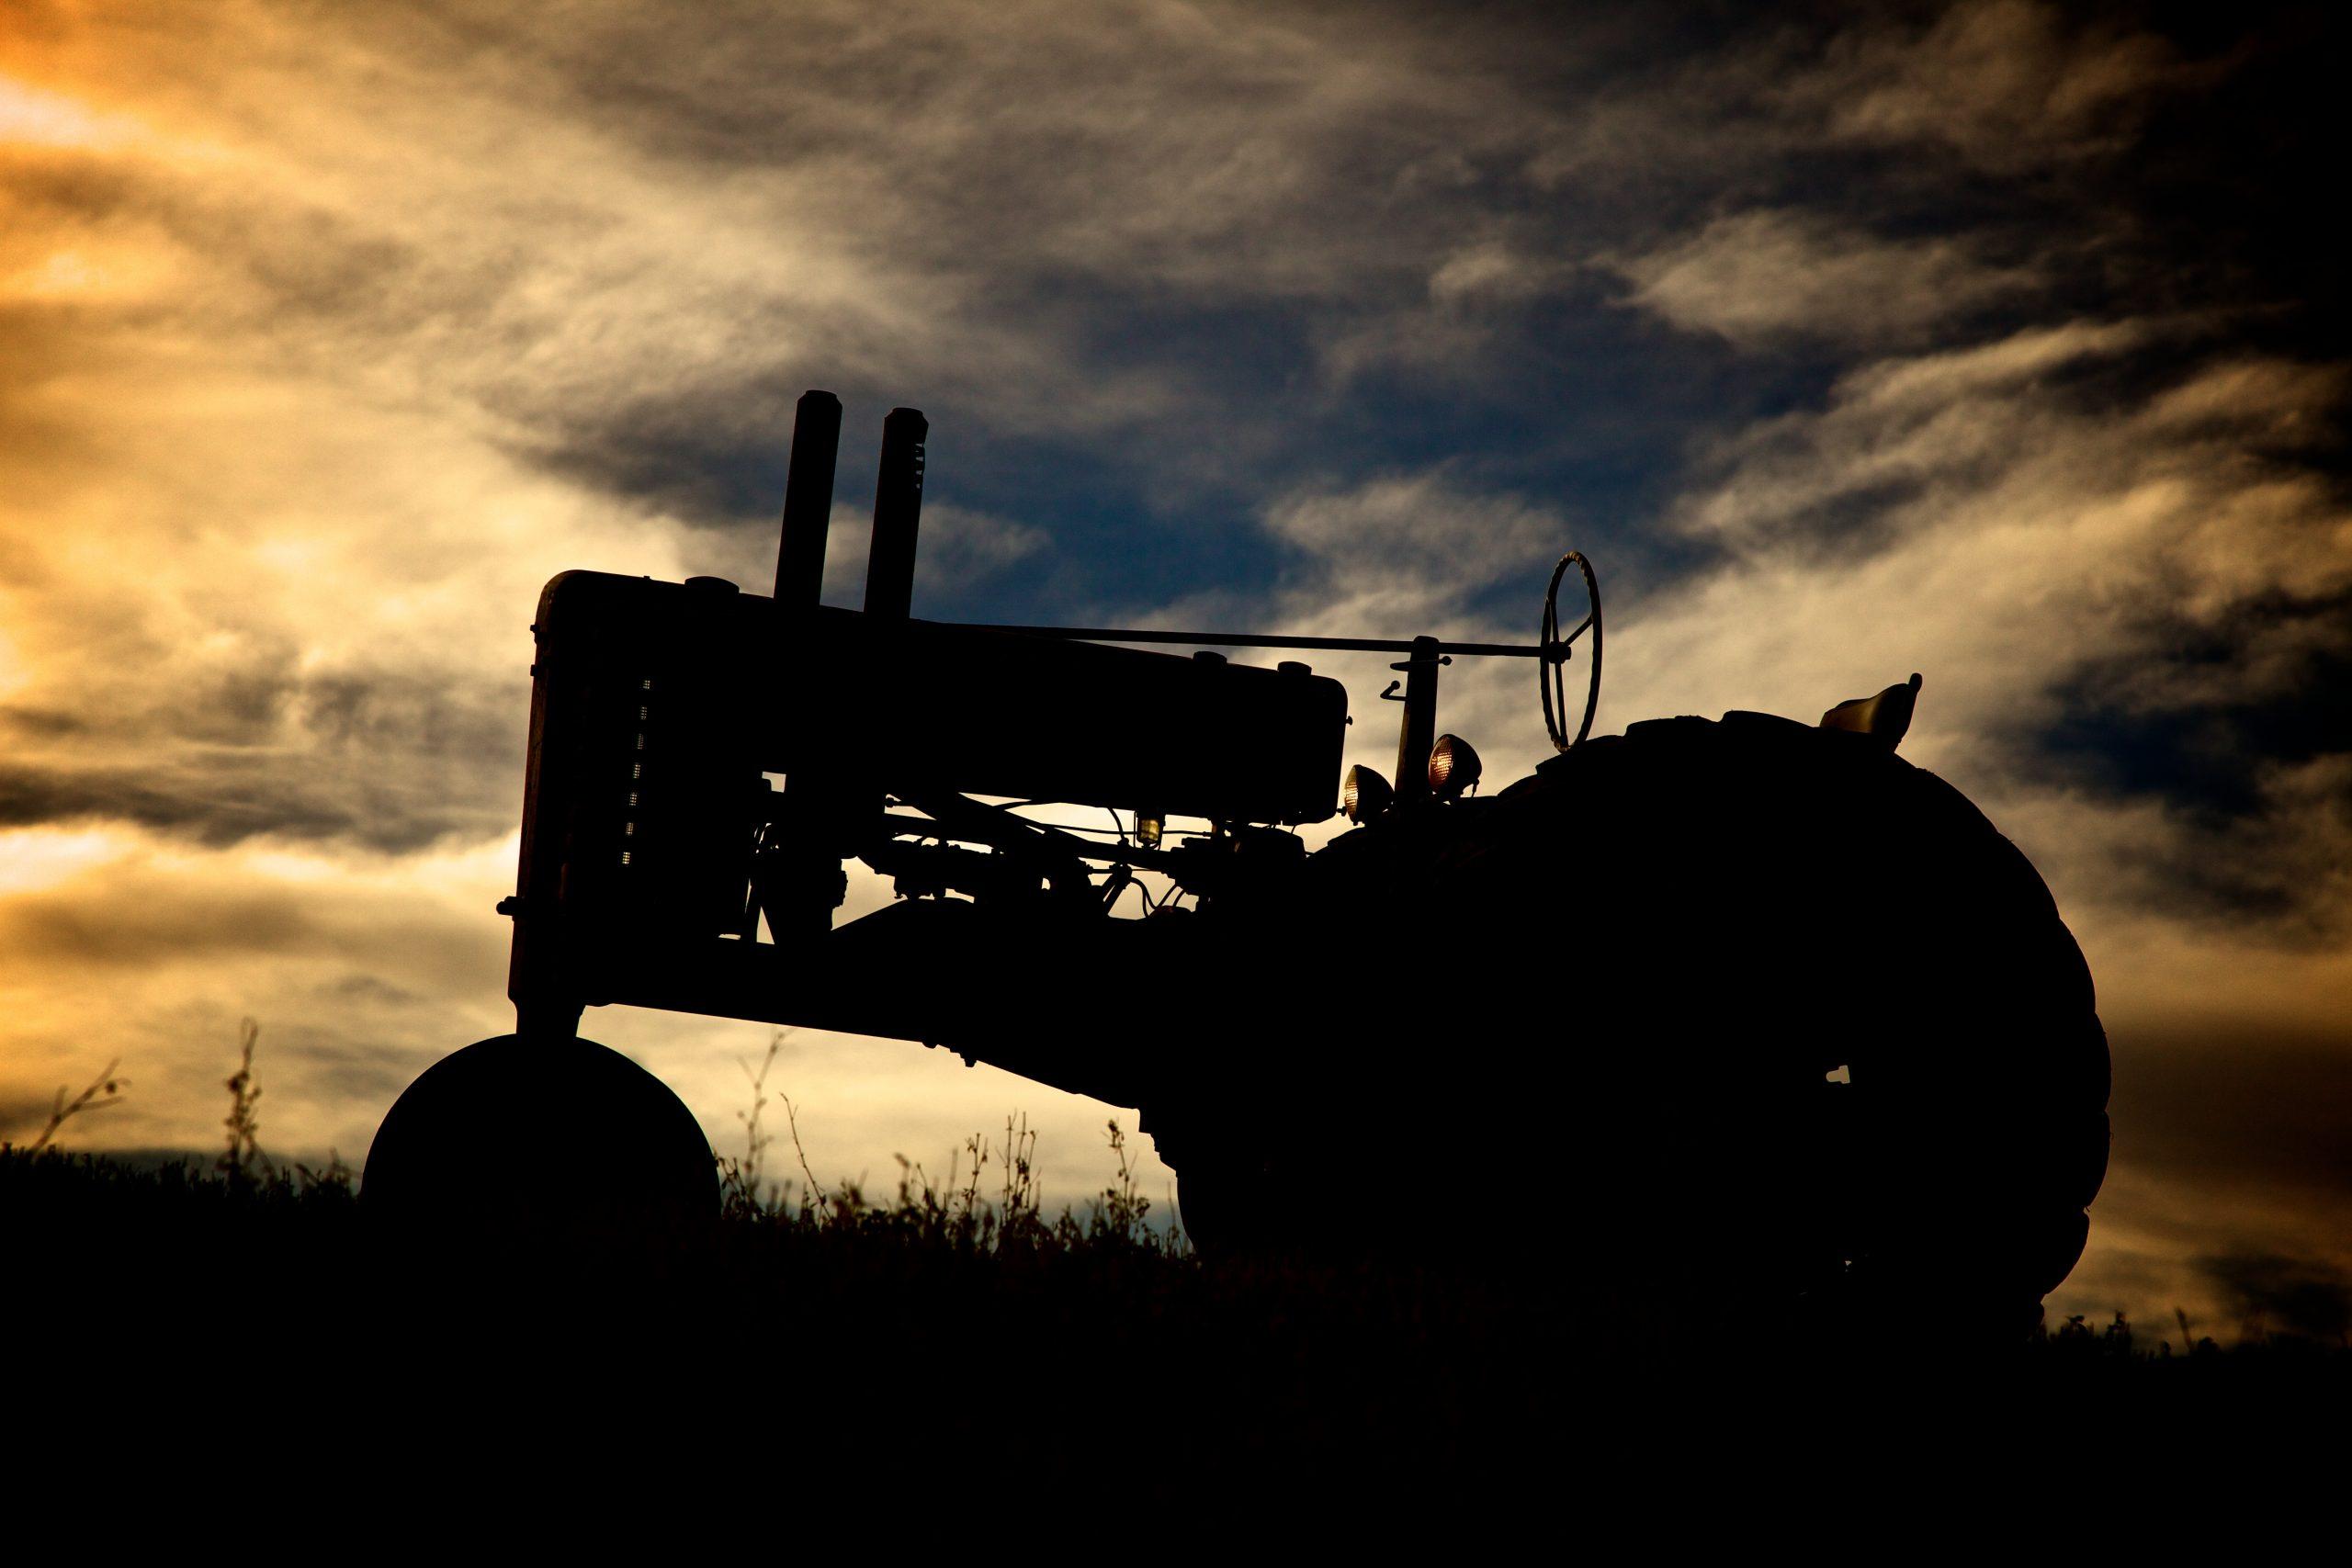 John Deere A silhouette